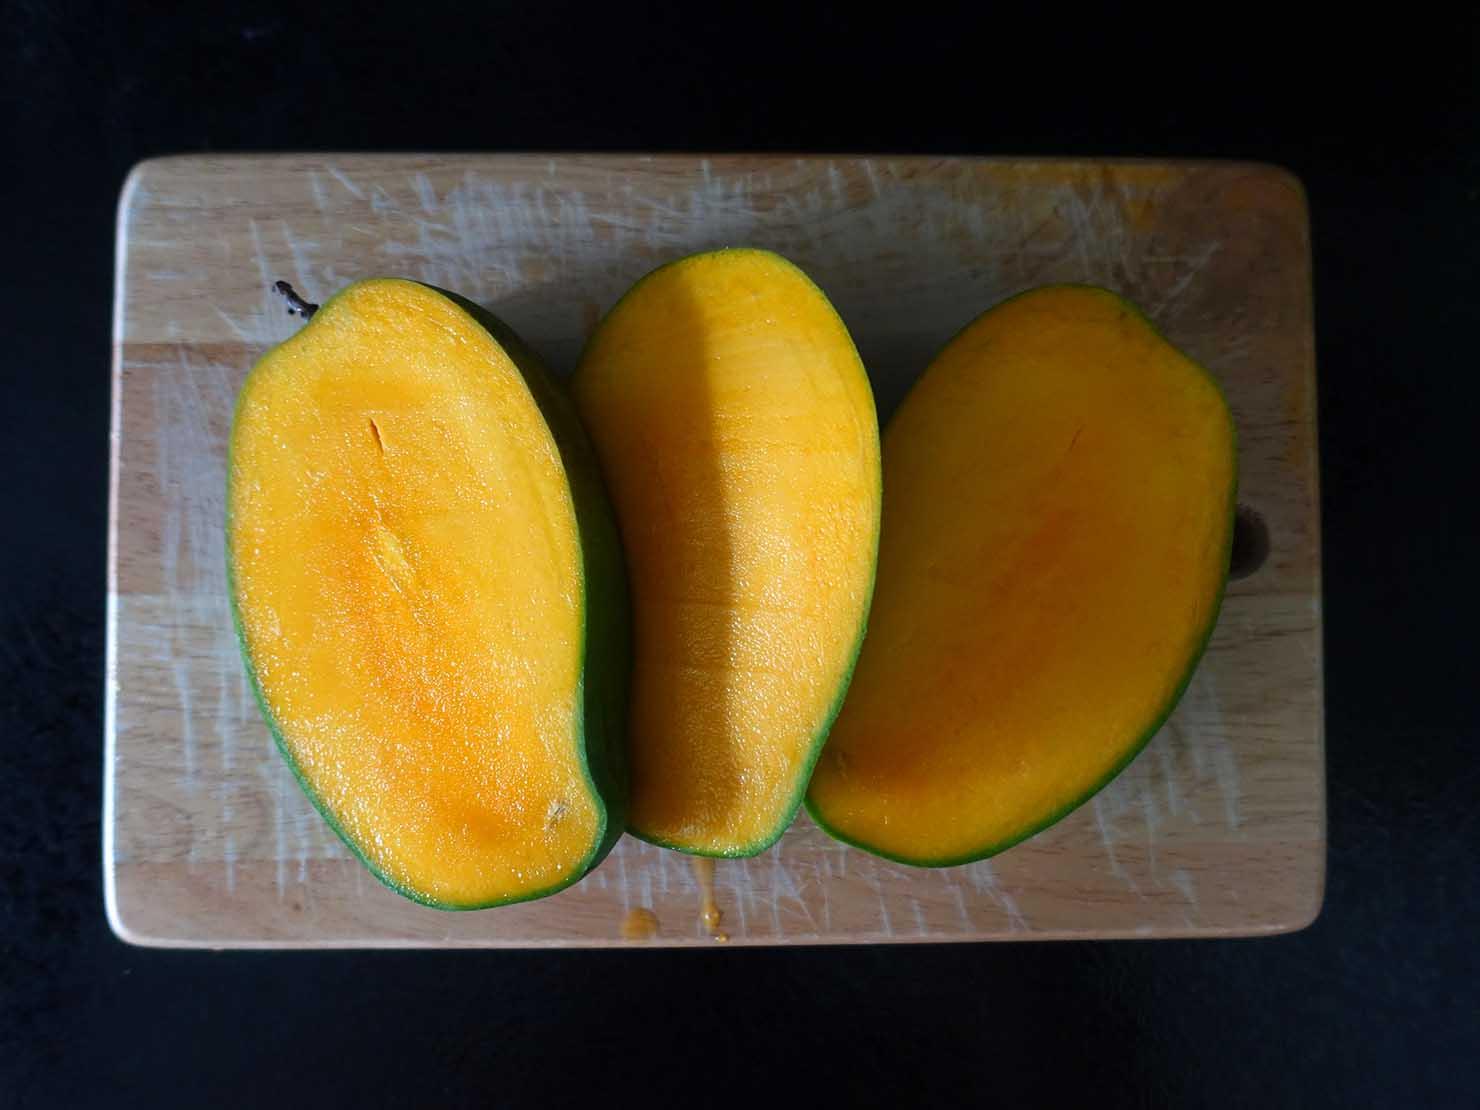 台湾のちょっと珍しい緑のマンゴー「烏香芒果」の切り方(三枚おろし)